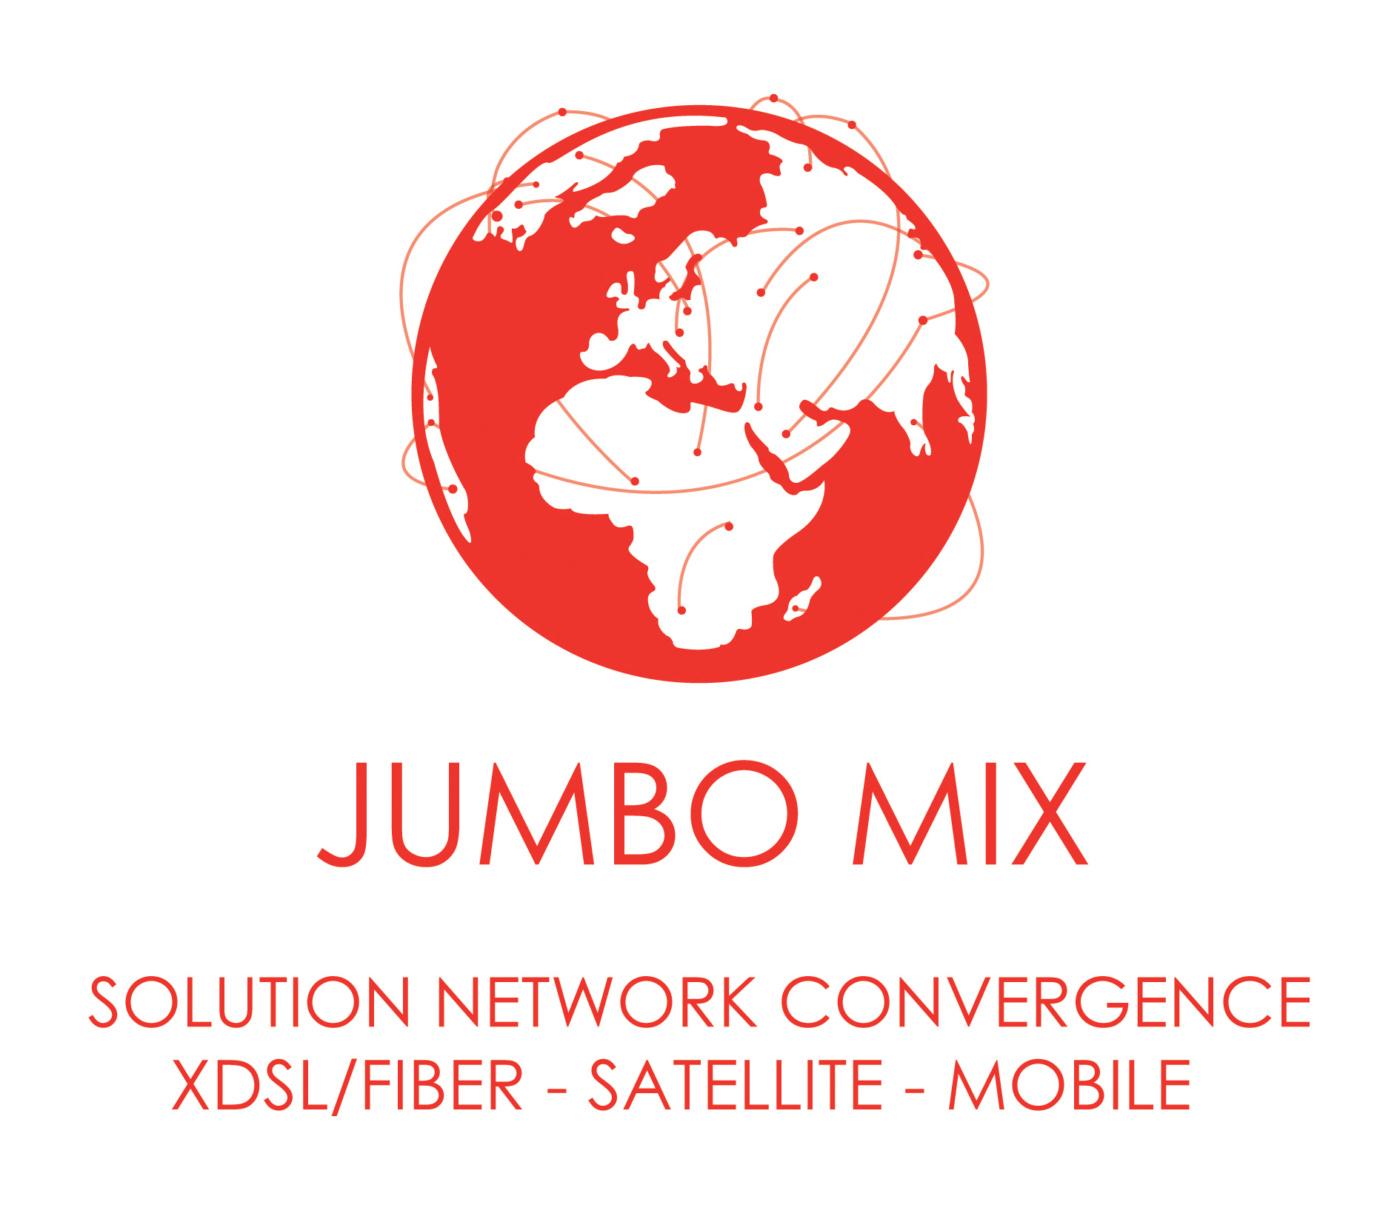 jumbo mix